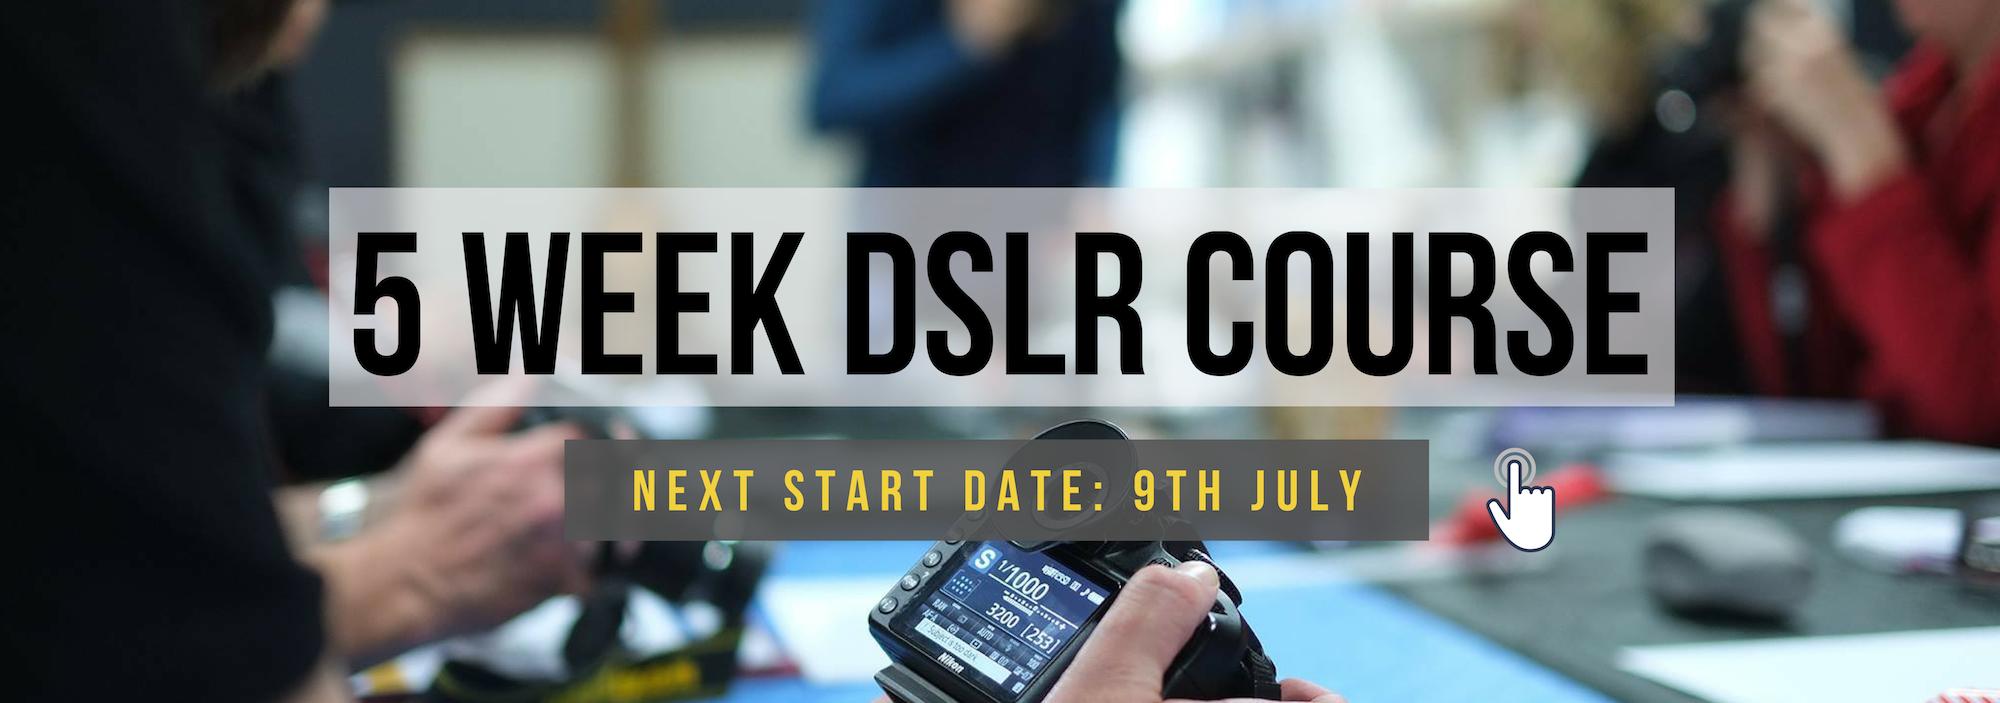 DSLR course